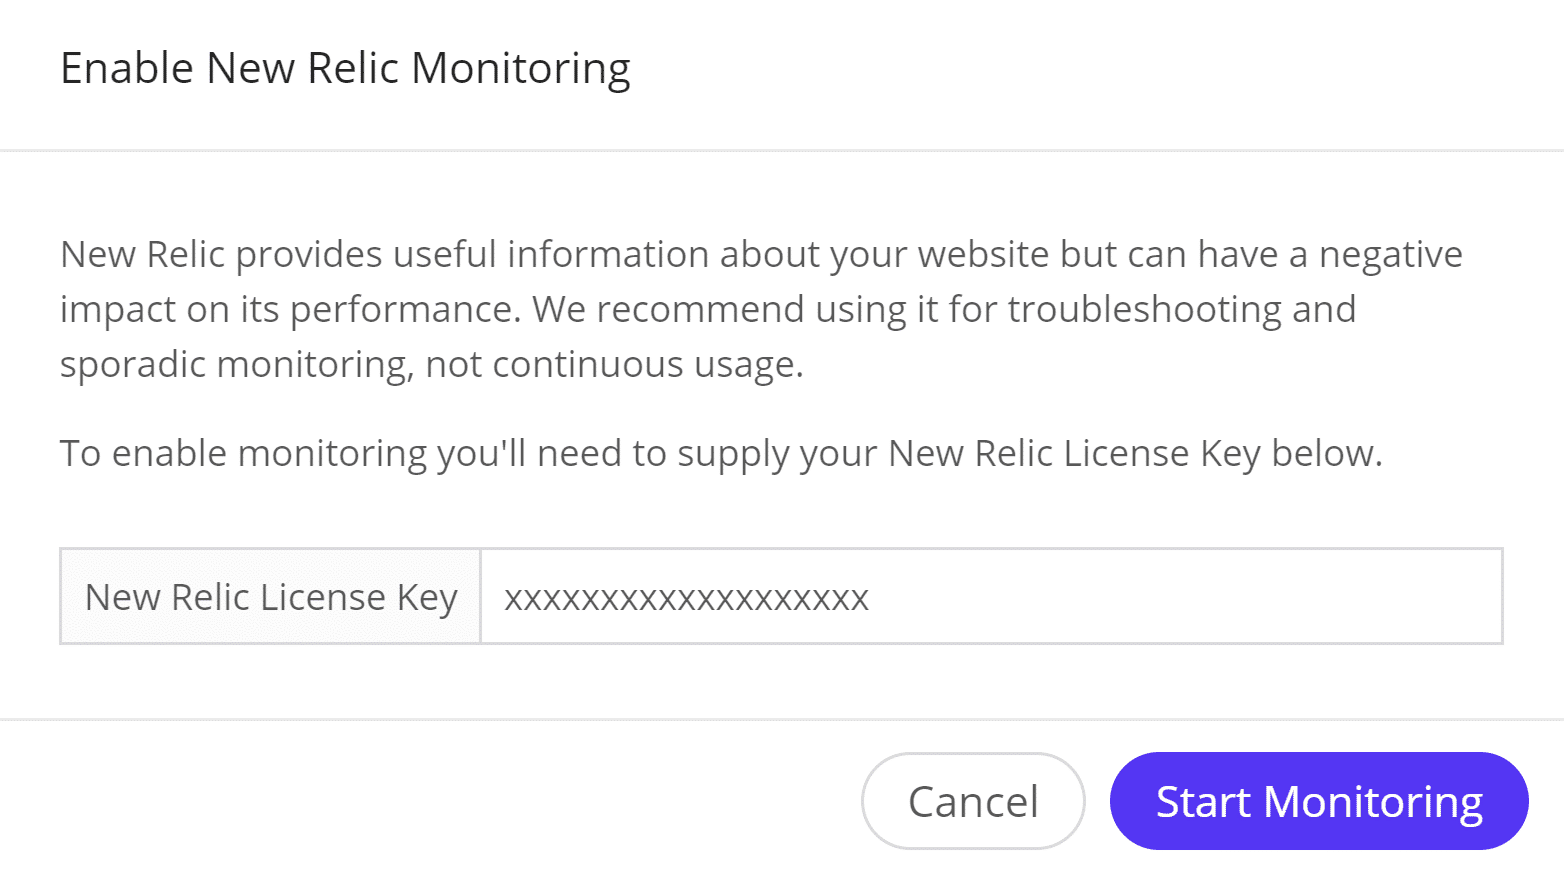 Iniciar monitoreo mediante New Relic